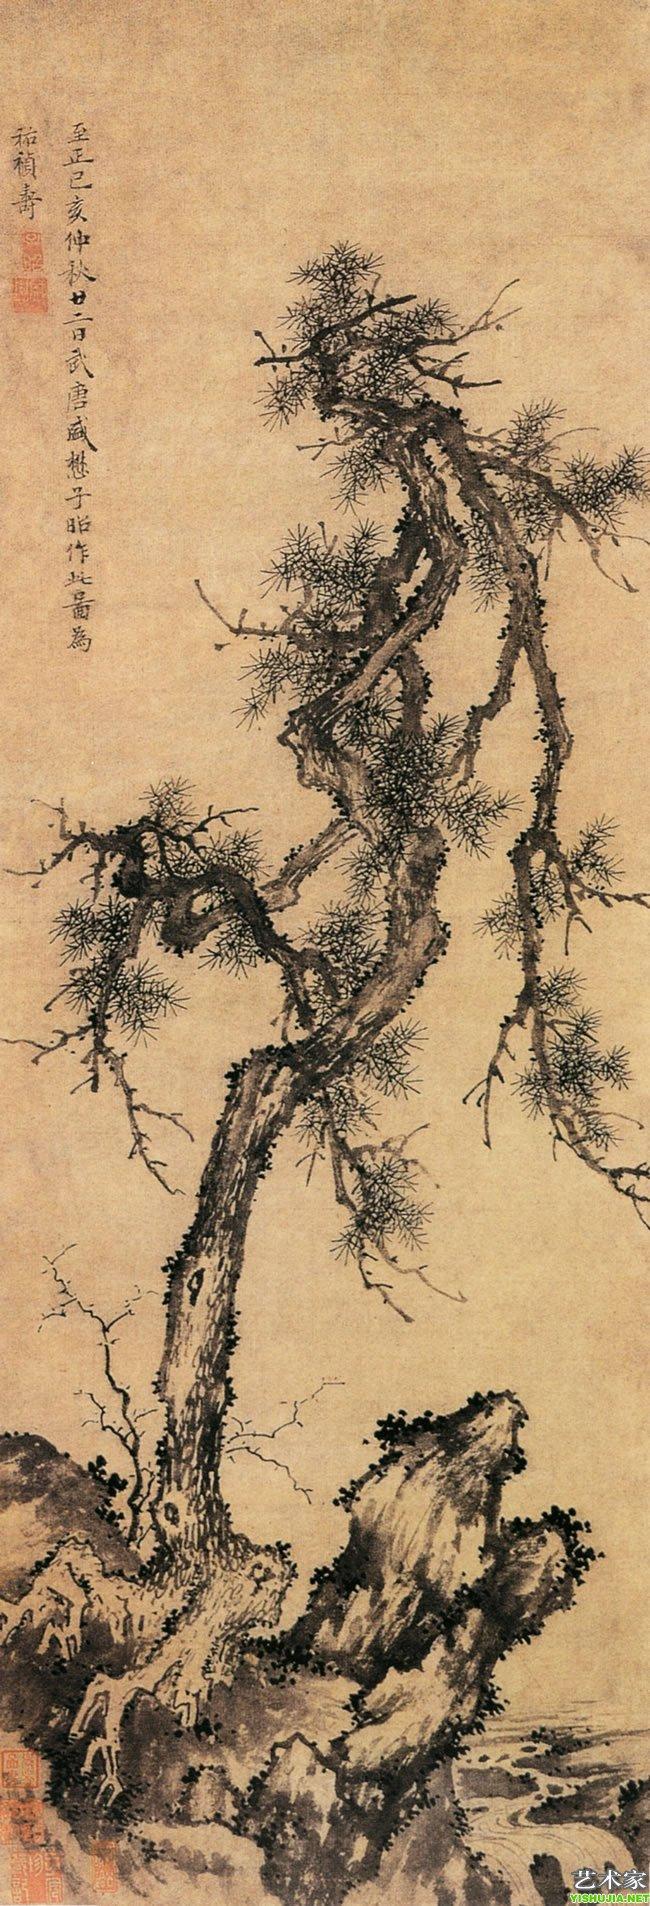 祝寿图国画松树